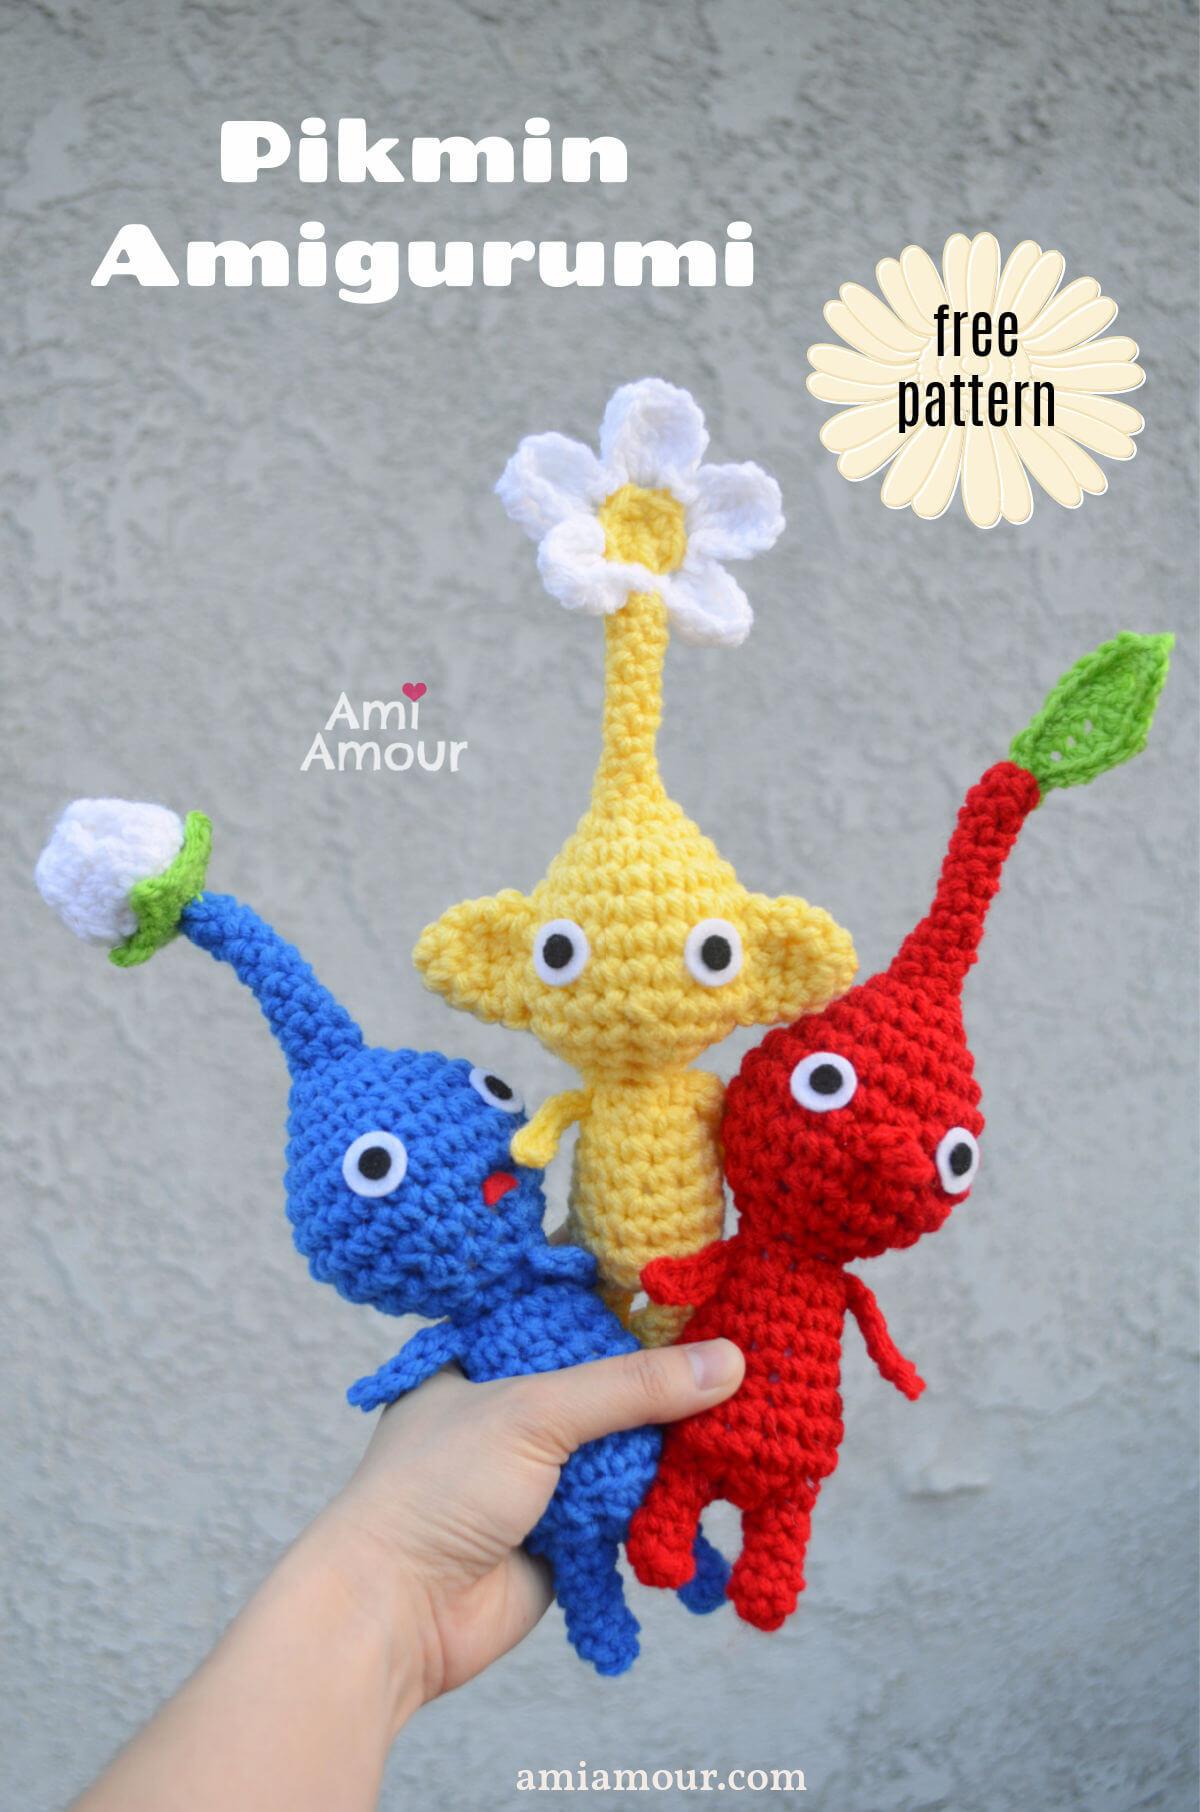 Pikmin Amigurumi - Free Crochet Pattern